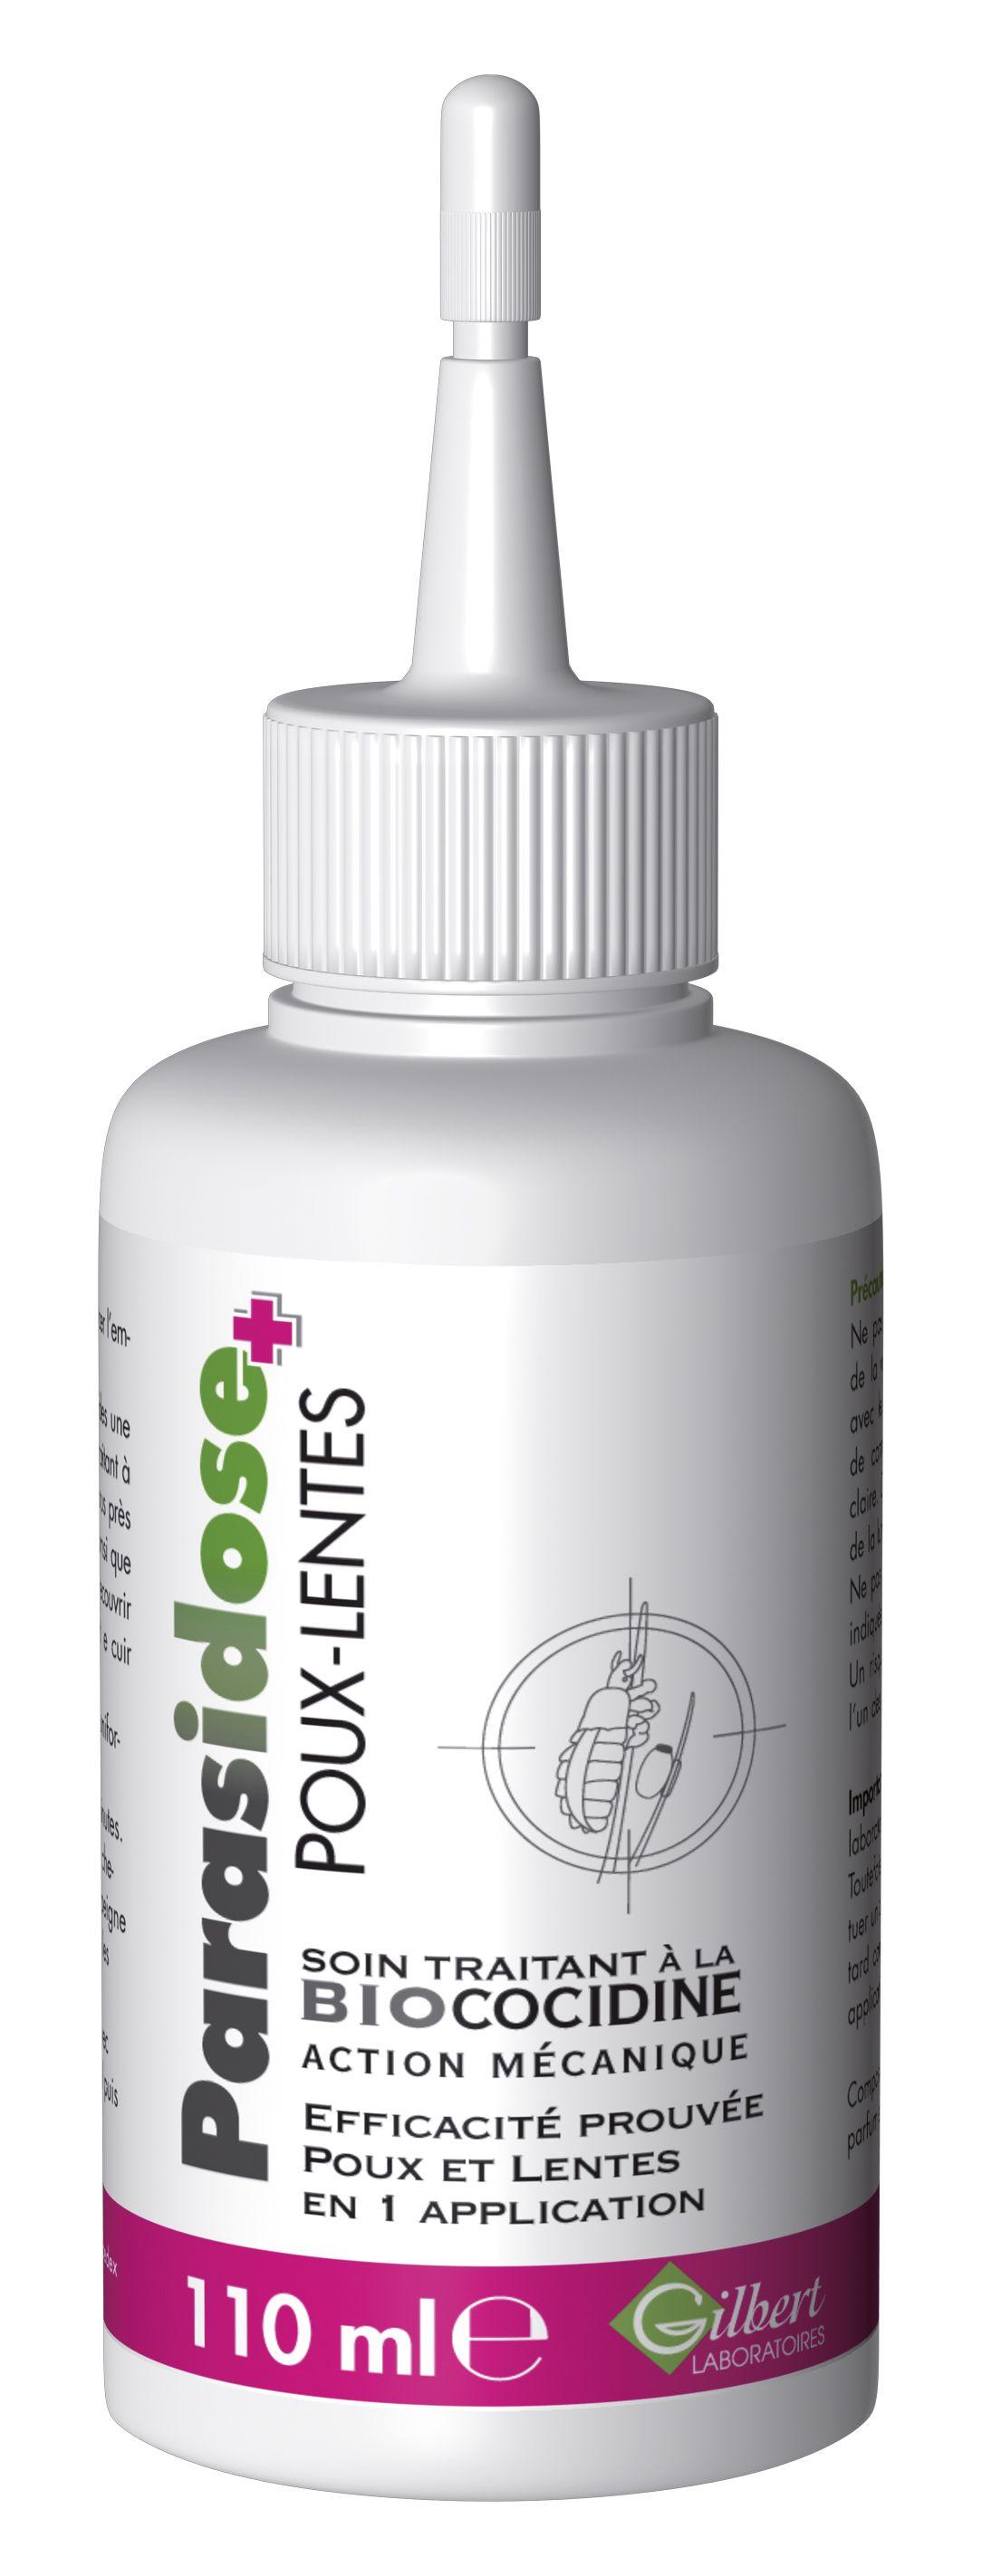 Fotografie Parasidose Biococidine přírodní odvšivovací přípravek 110 ml